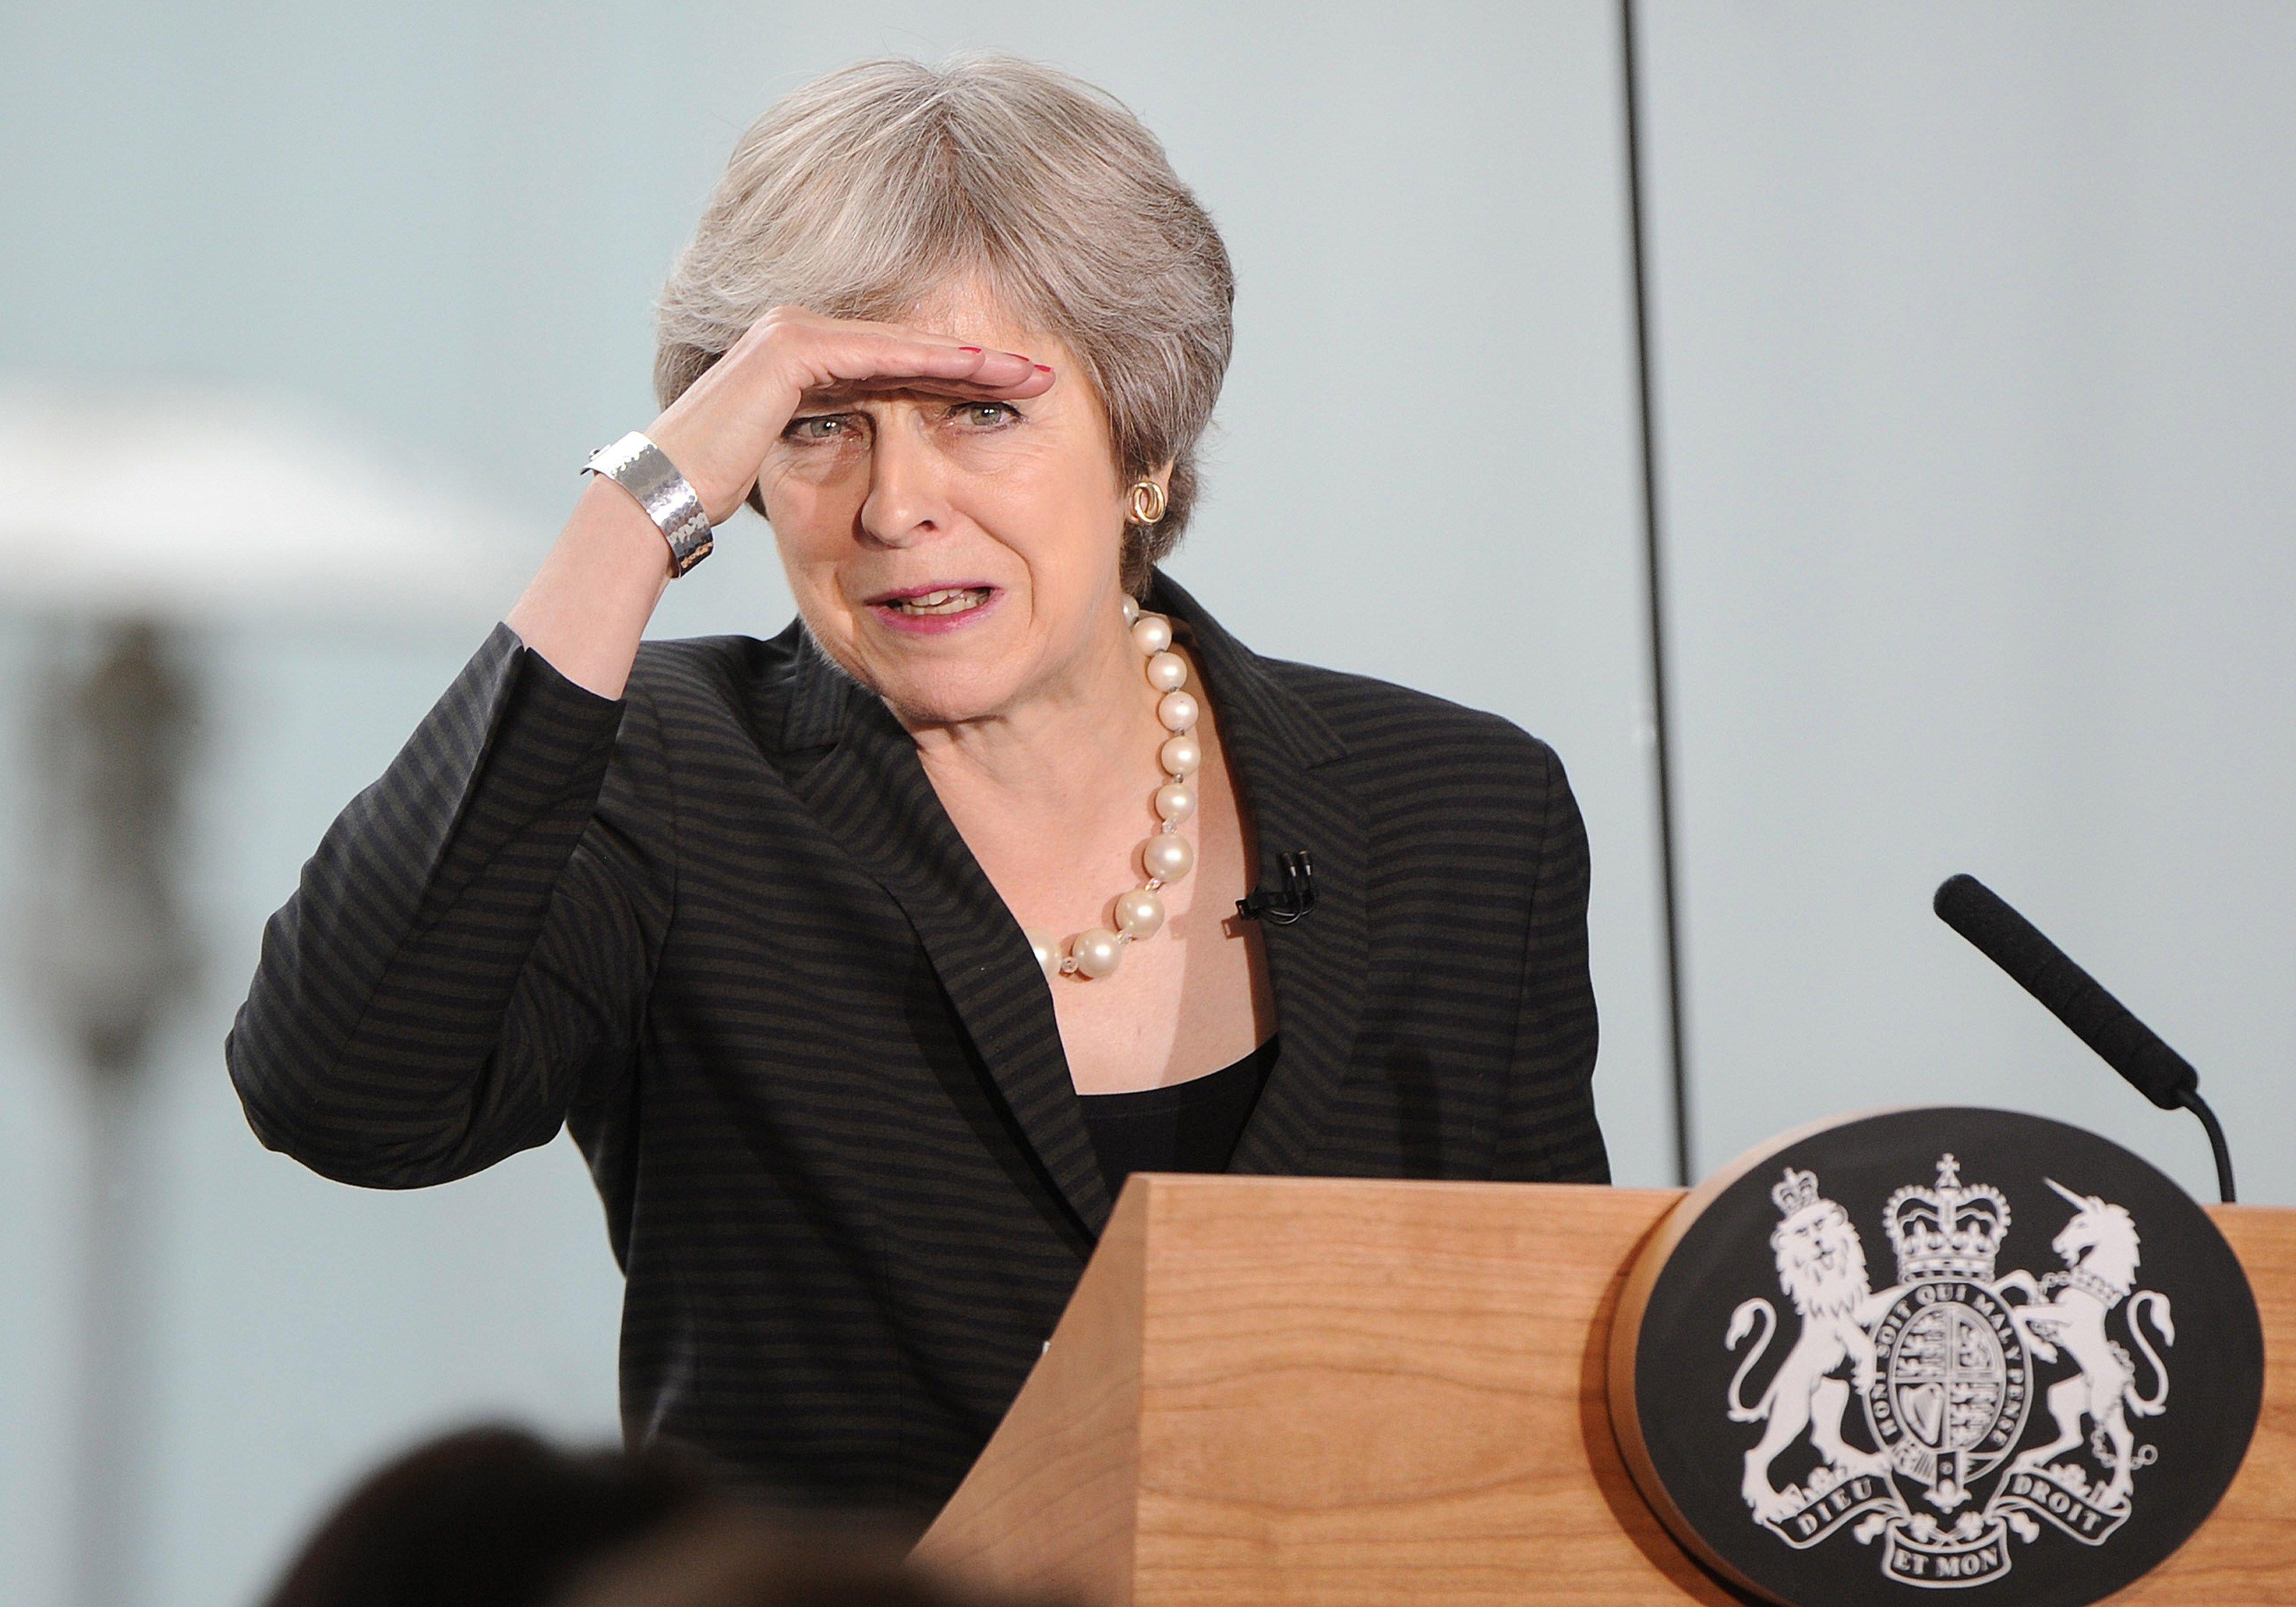 El Brexit afectará al PIB y al empleo de toda la UE